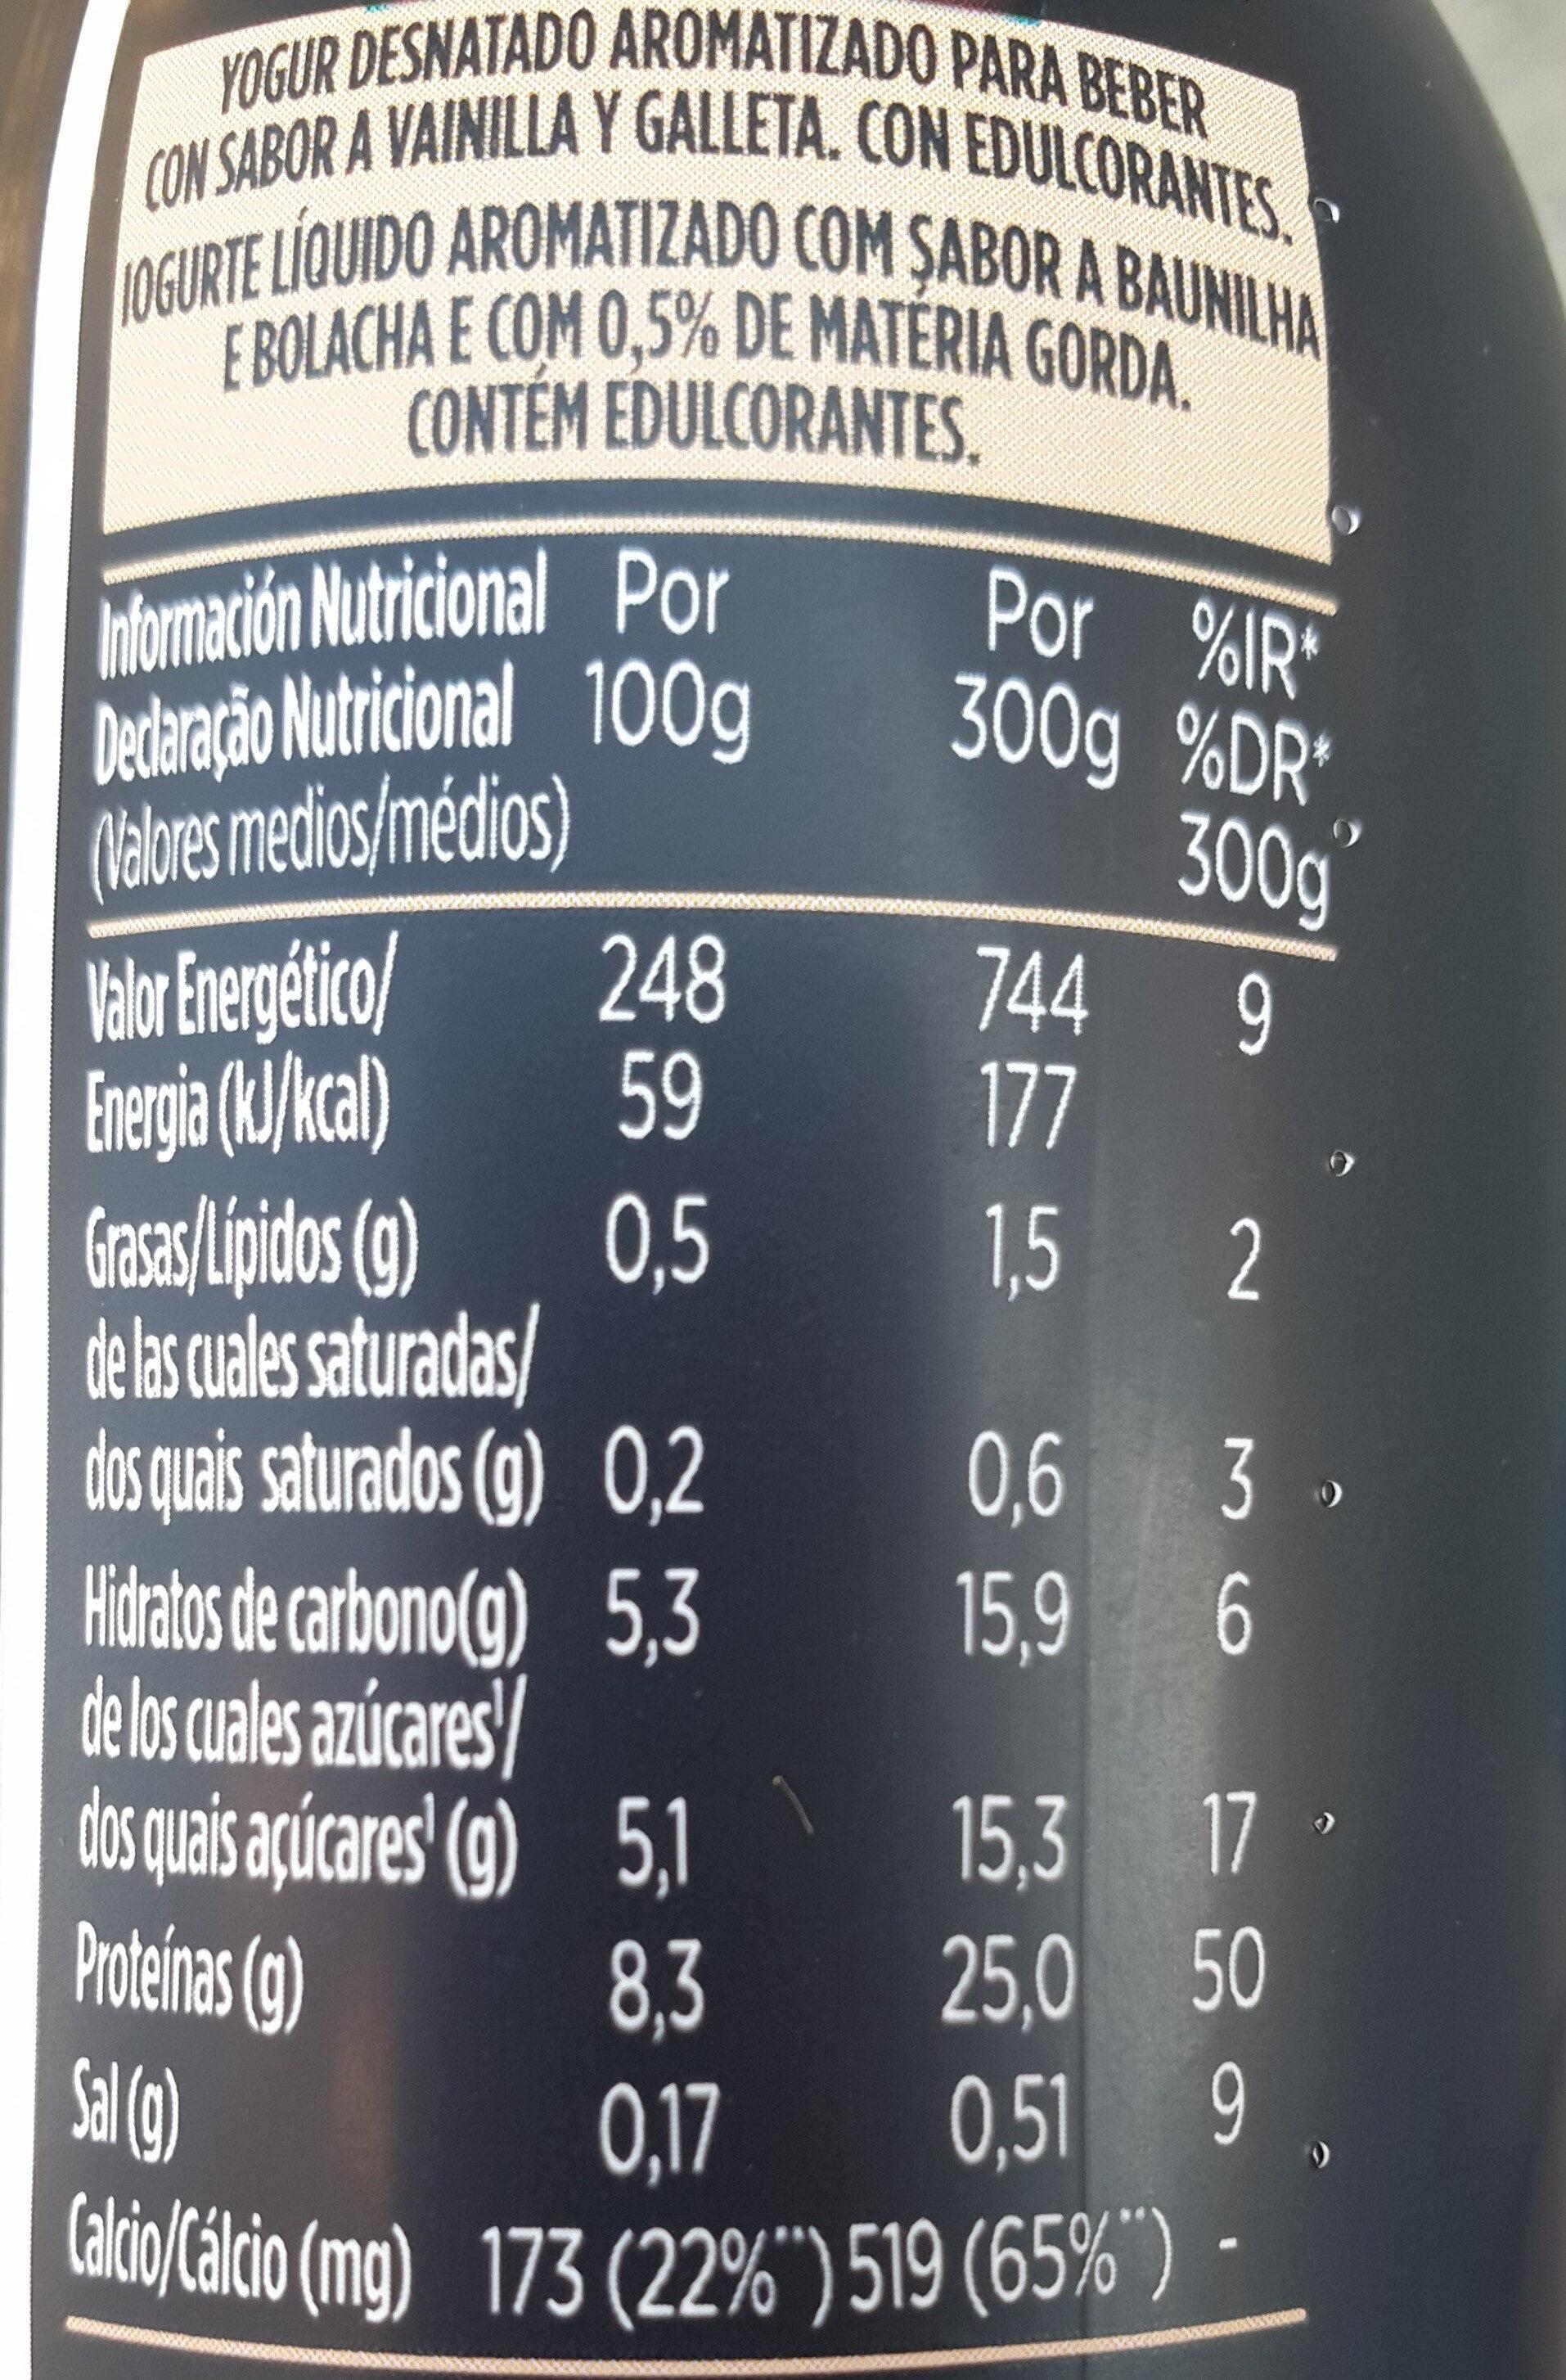 Yogur líquido desnatado m.g. azúcares añadidos - Información nutricional